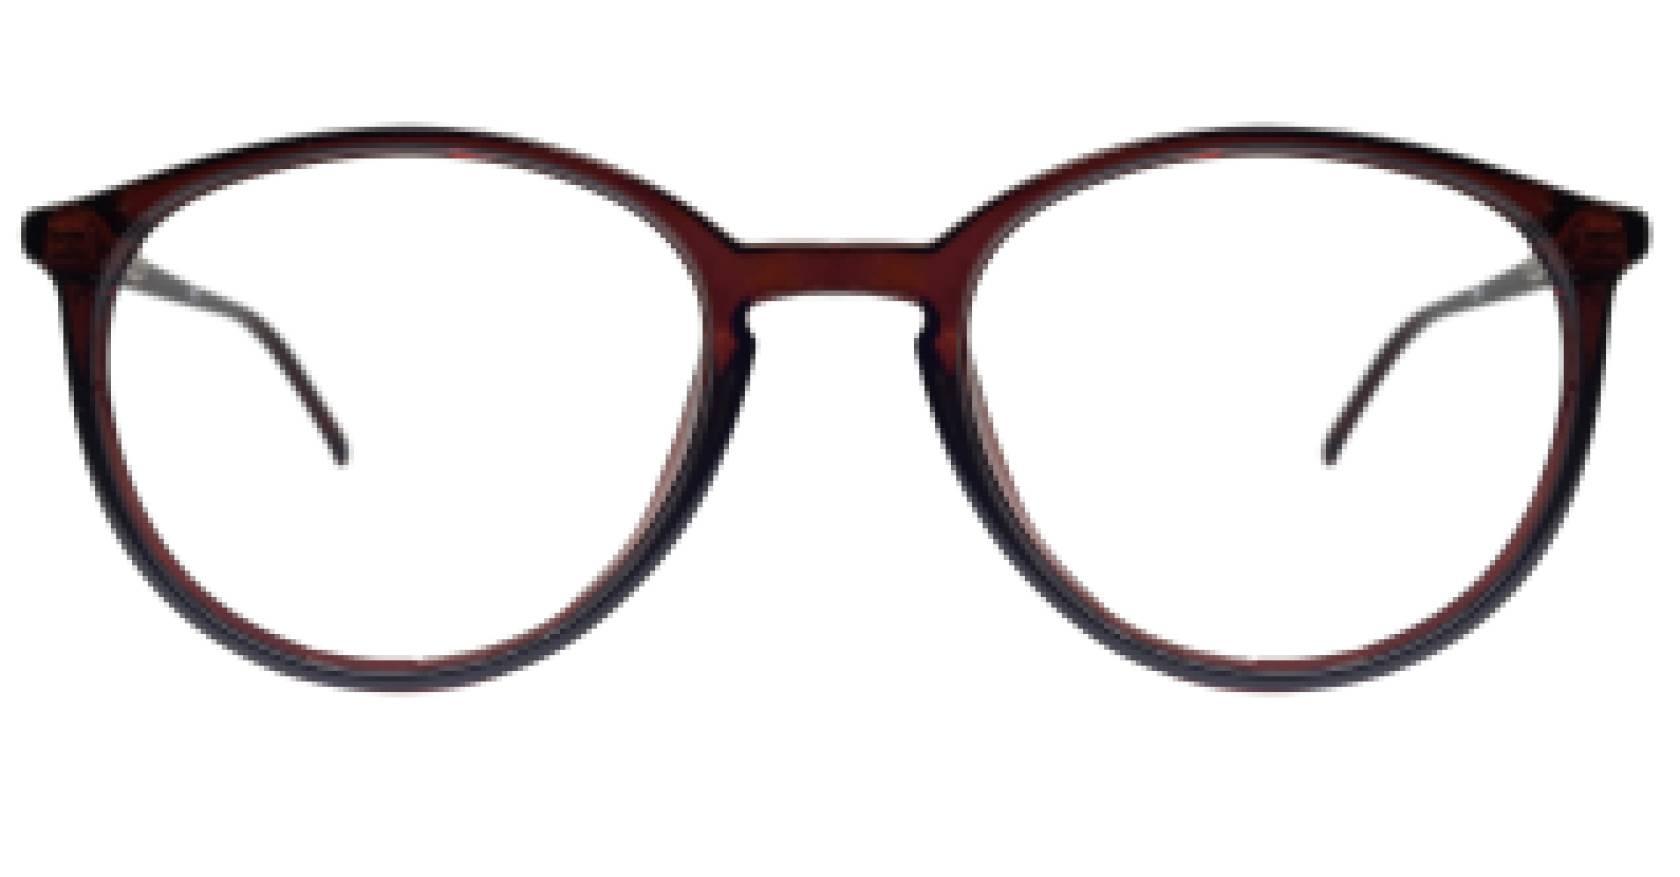 imagen miniatura frontal de la referencia 100988